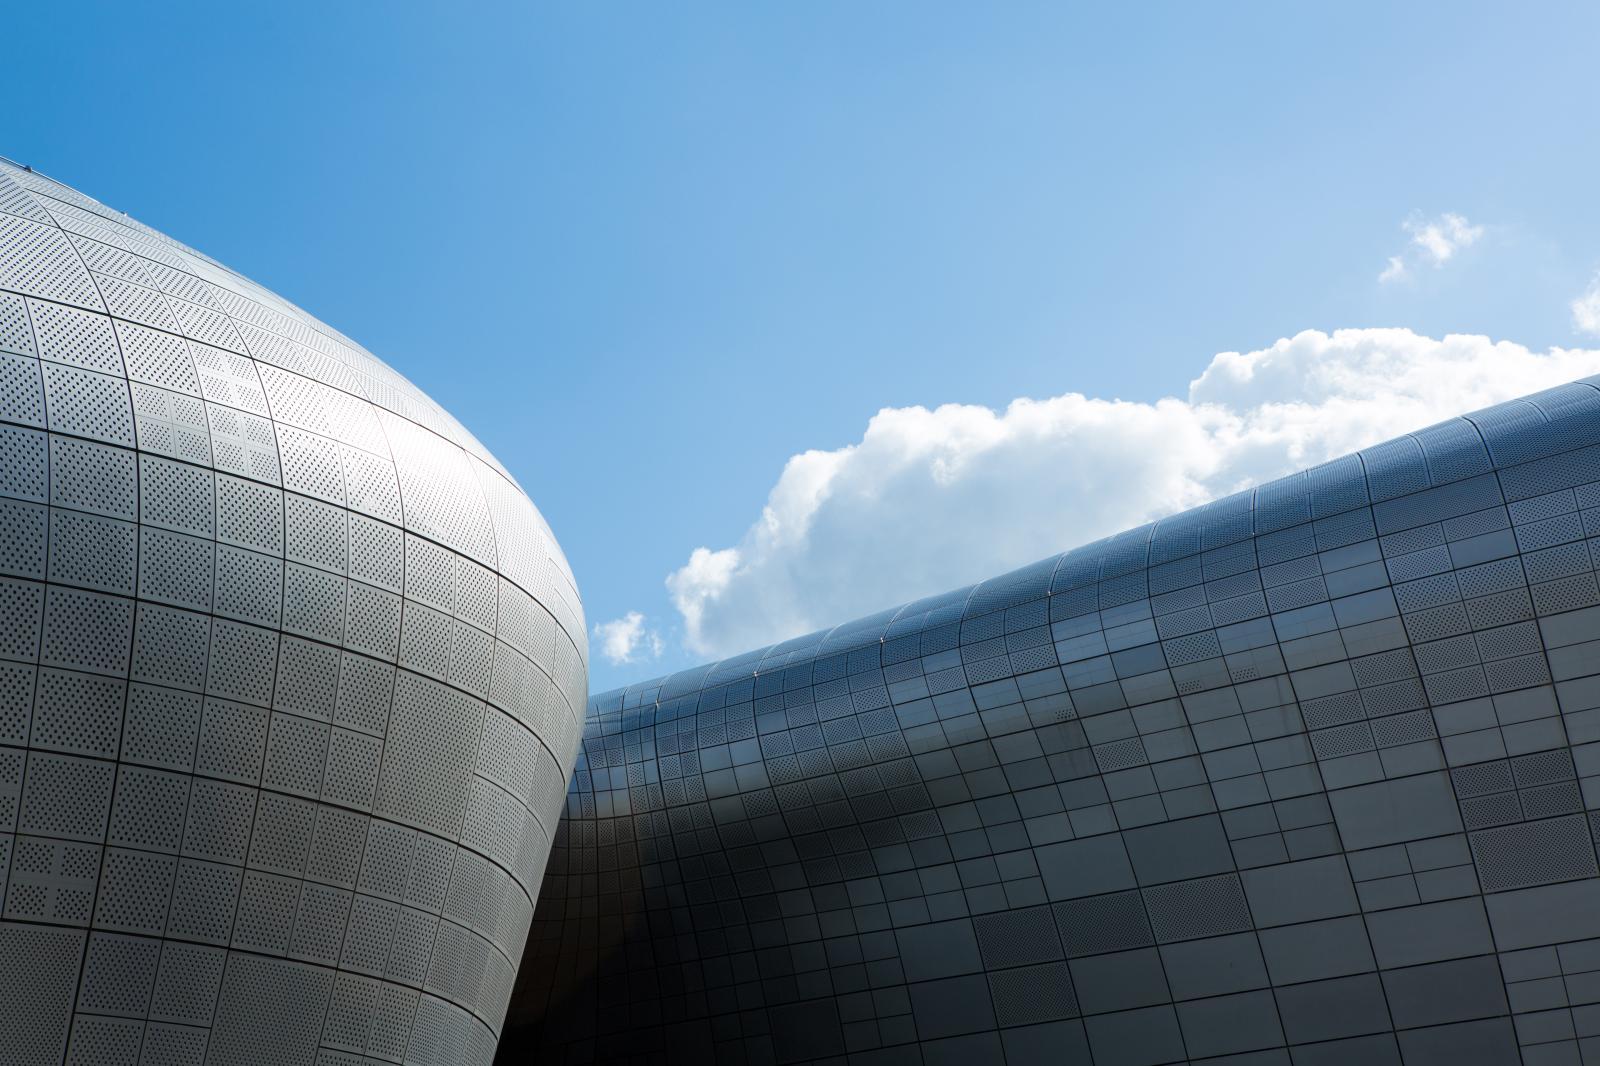 Les panneaux en aluminium du Dongdaemun Design Plaza, DDP.